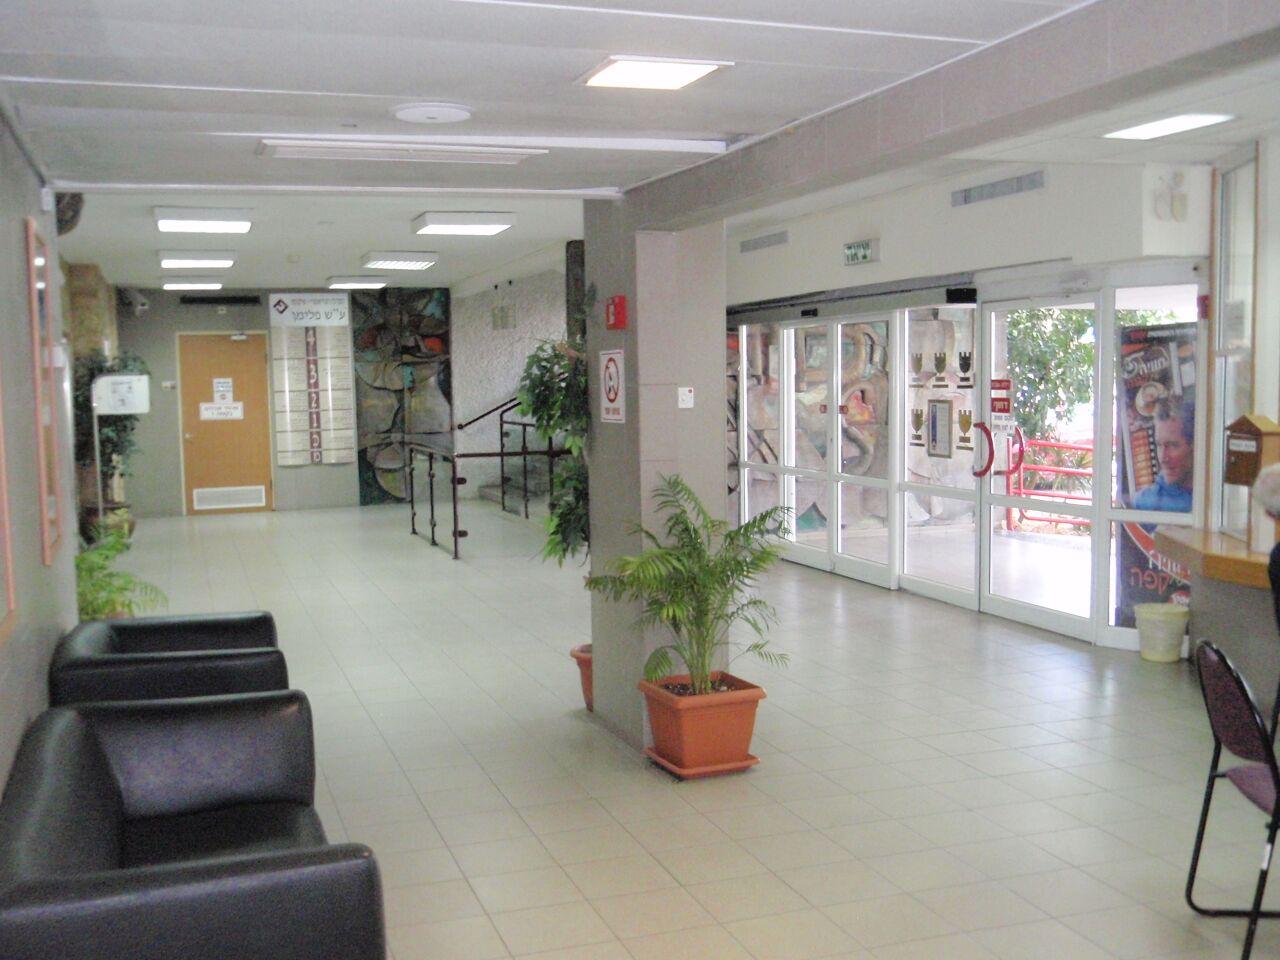 תמונת רחבת הכניסה לבית החולים